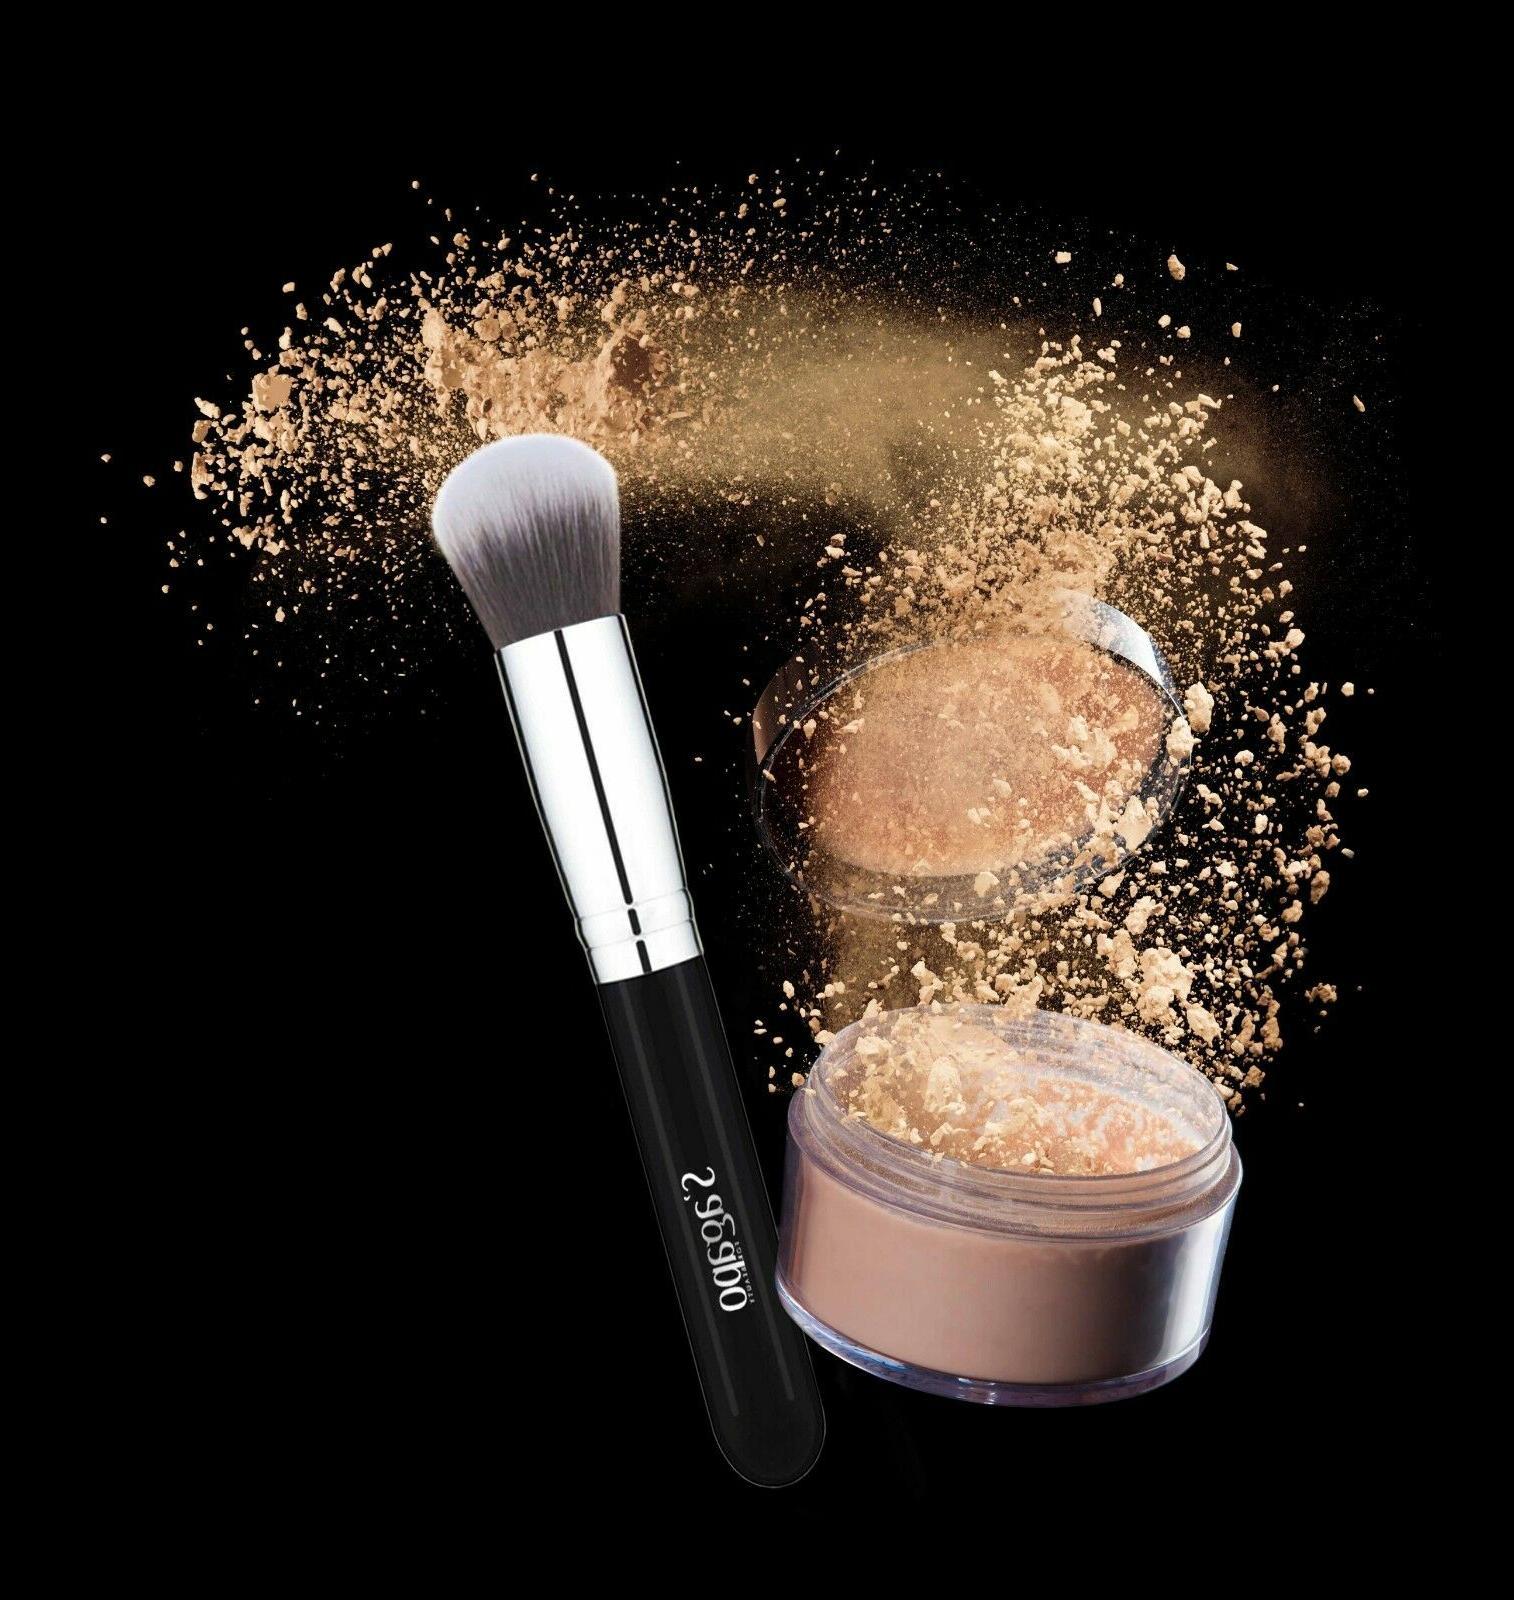 12PCS Brushes Sets Foundation Powder Eyebrow Mascara